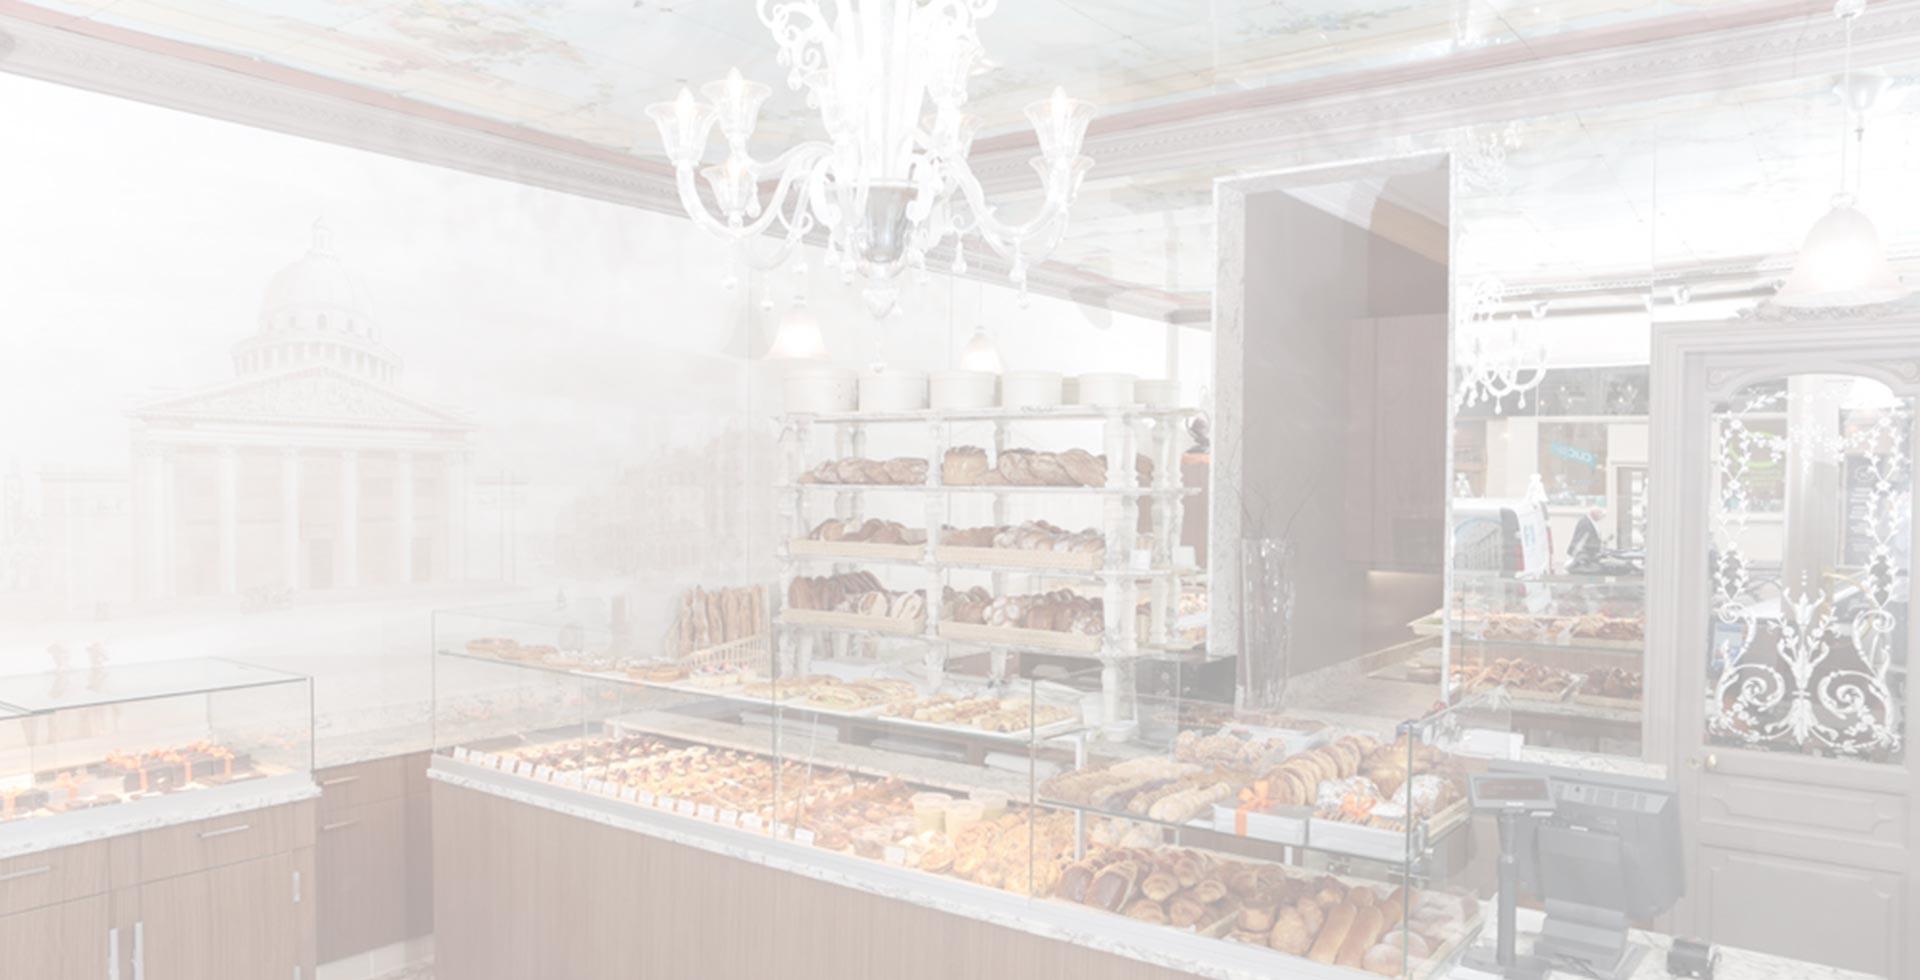 pâtisserie Dégardin